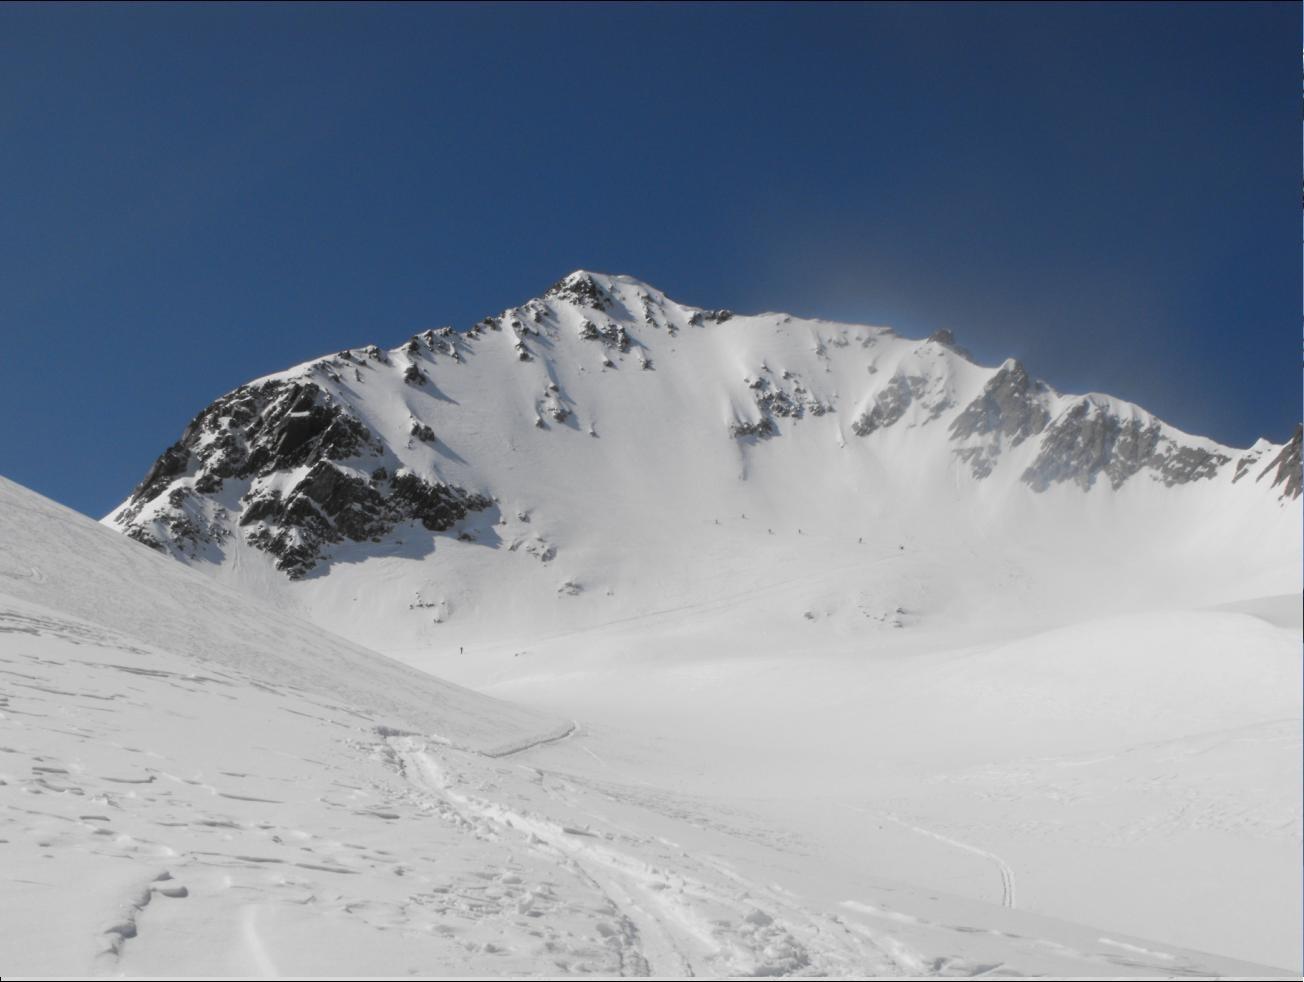 Pointe de Comberousse. Les skieurs ne sont pas allés plus haut.